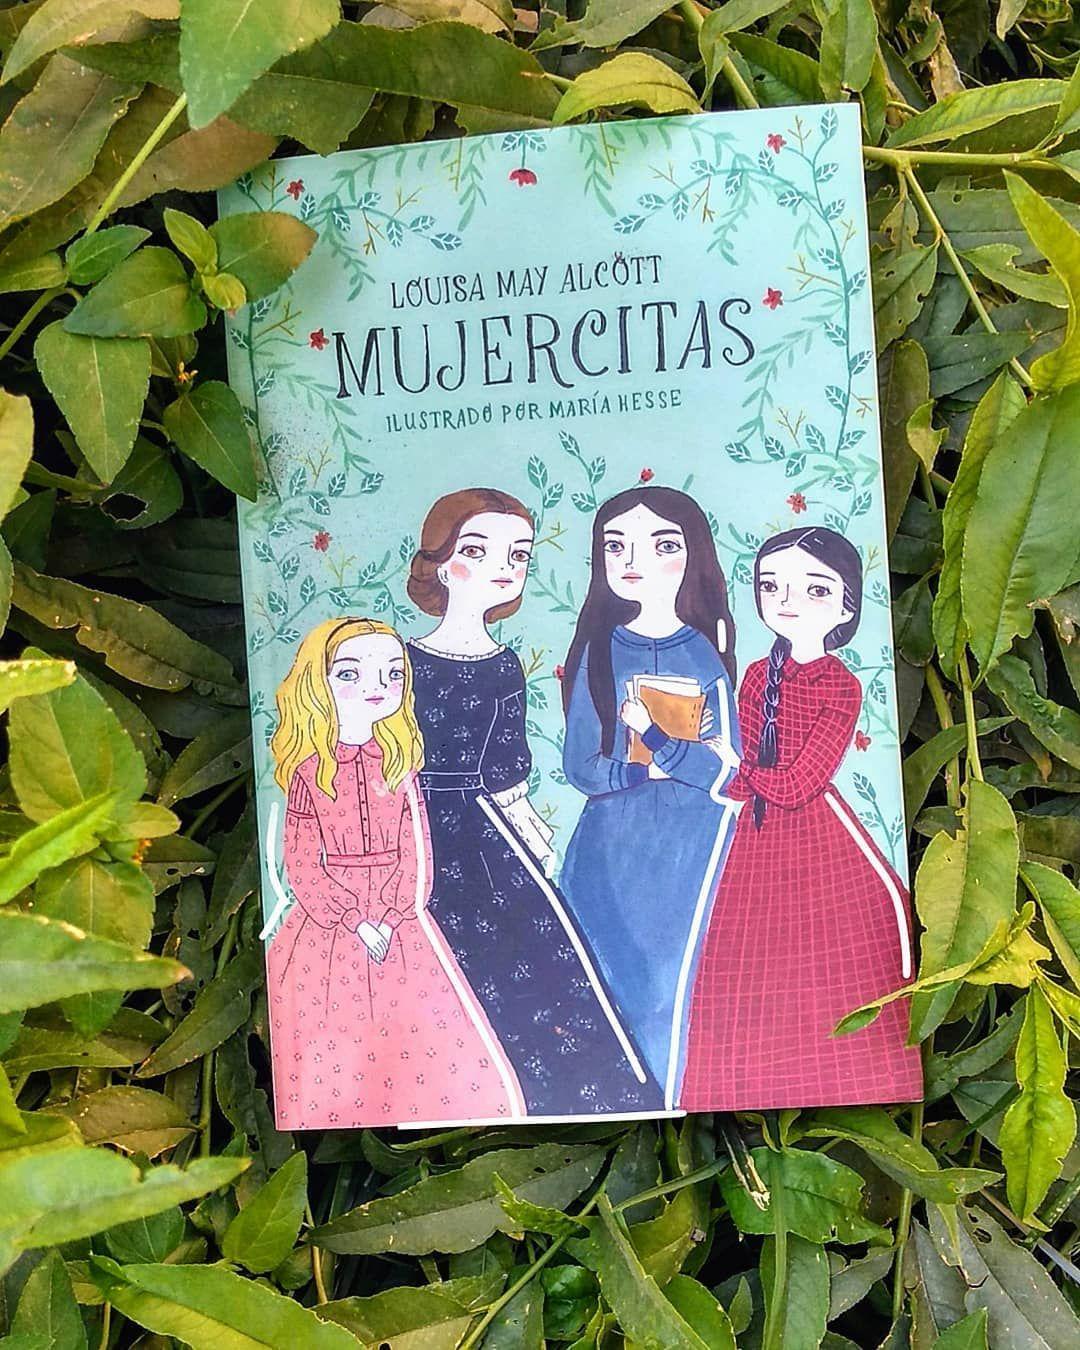 Mujercitas De Louisa May Alcott Mujercitas Libro Libros De Leer Mujercitas